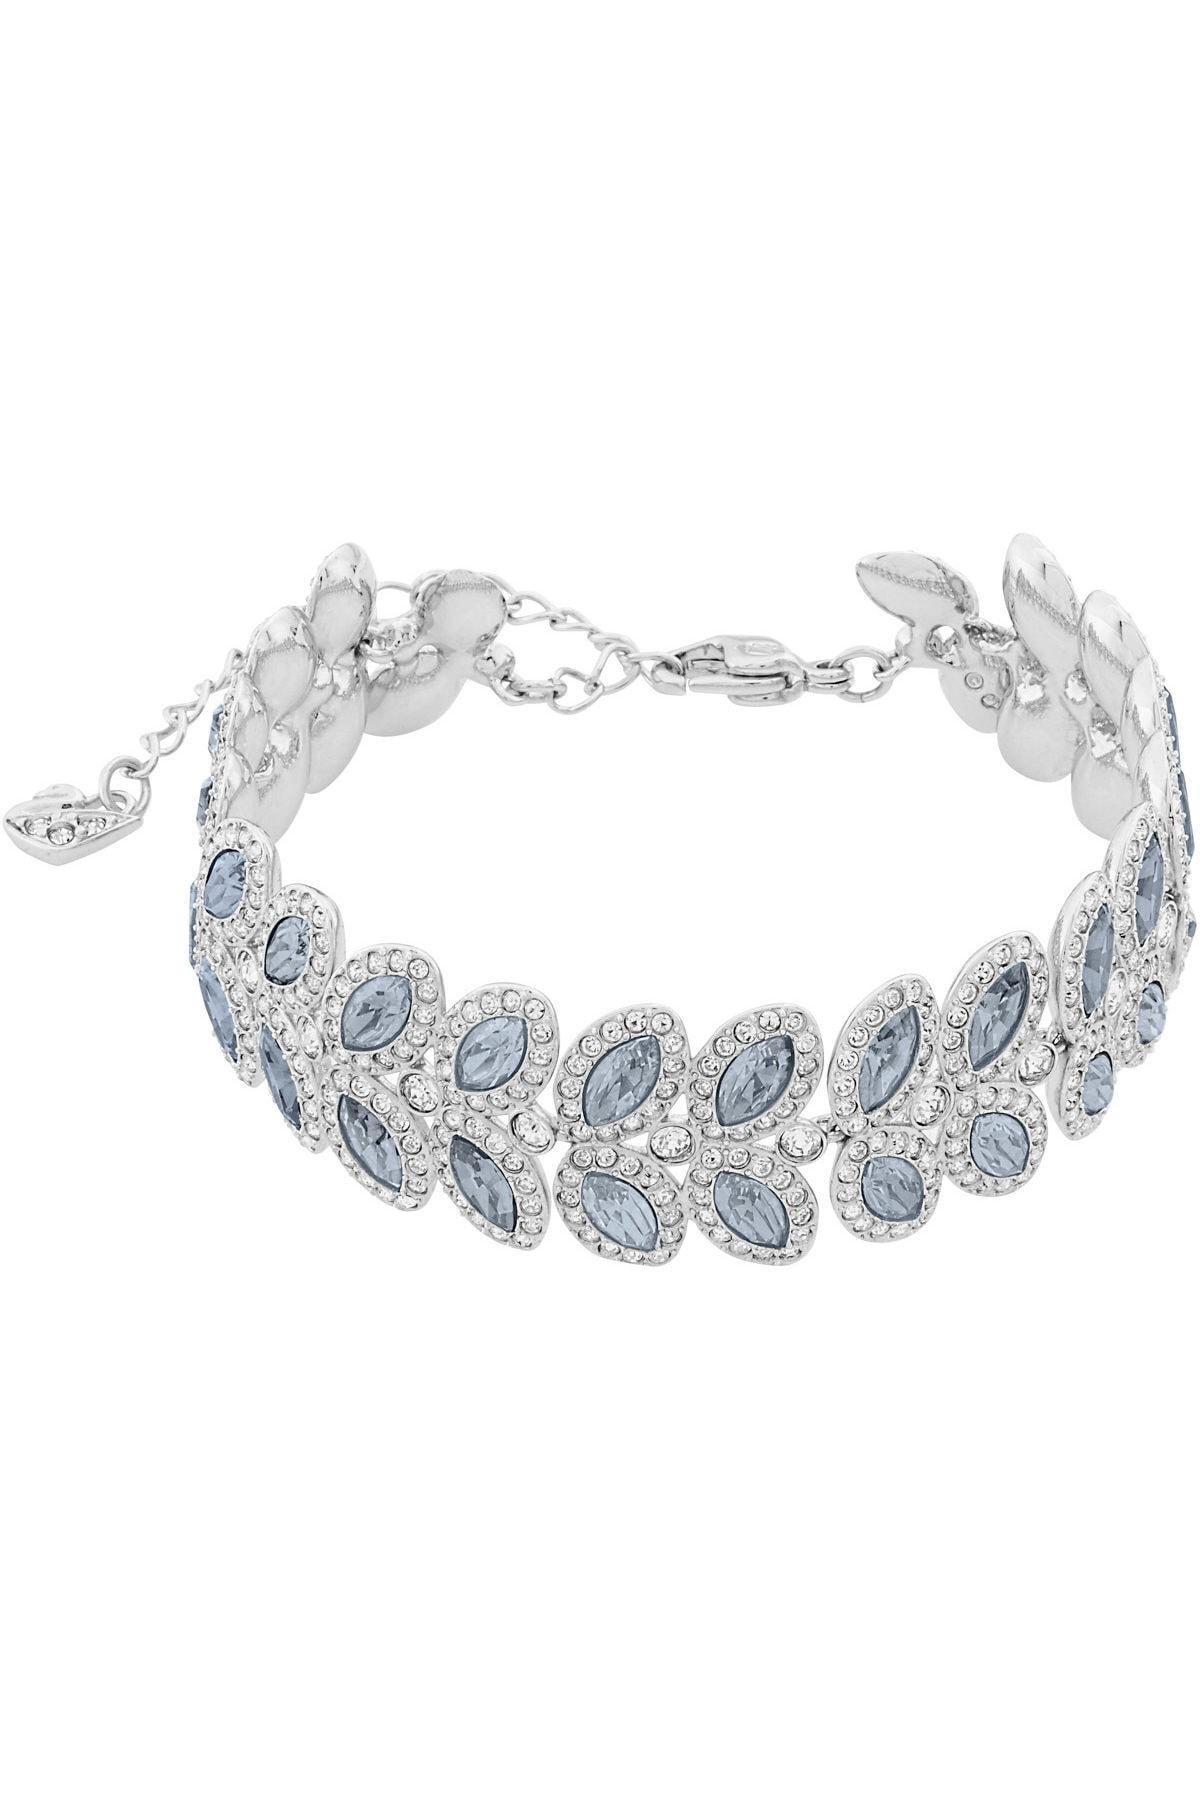 Swarovski Kadın Bilezik Baron:Bracelet Cryblsh/Rhs M 5074352 1